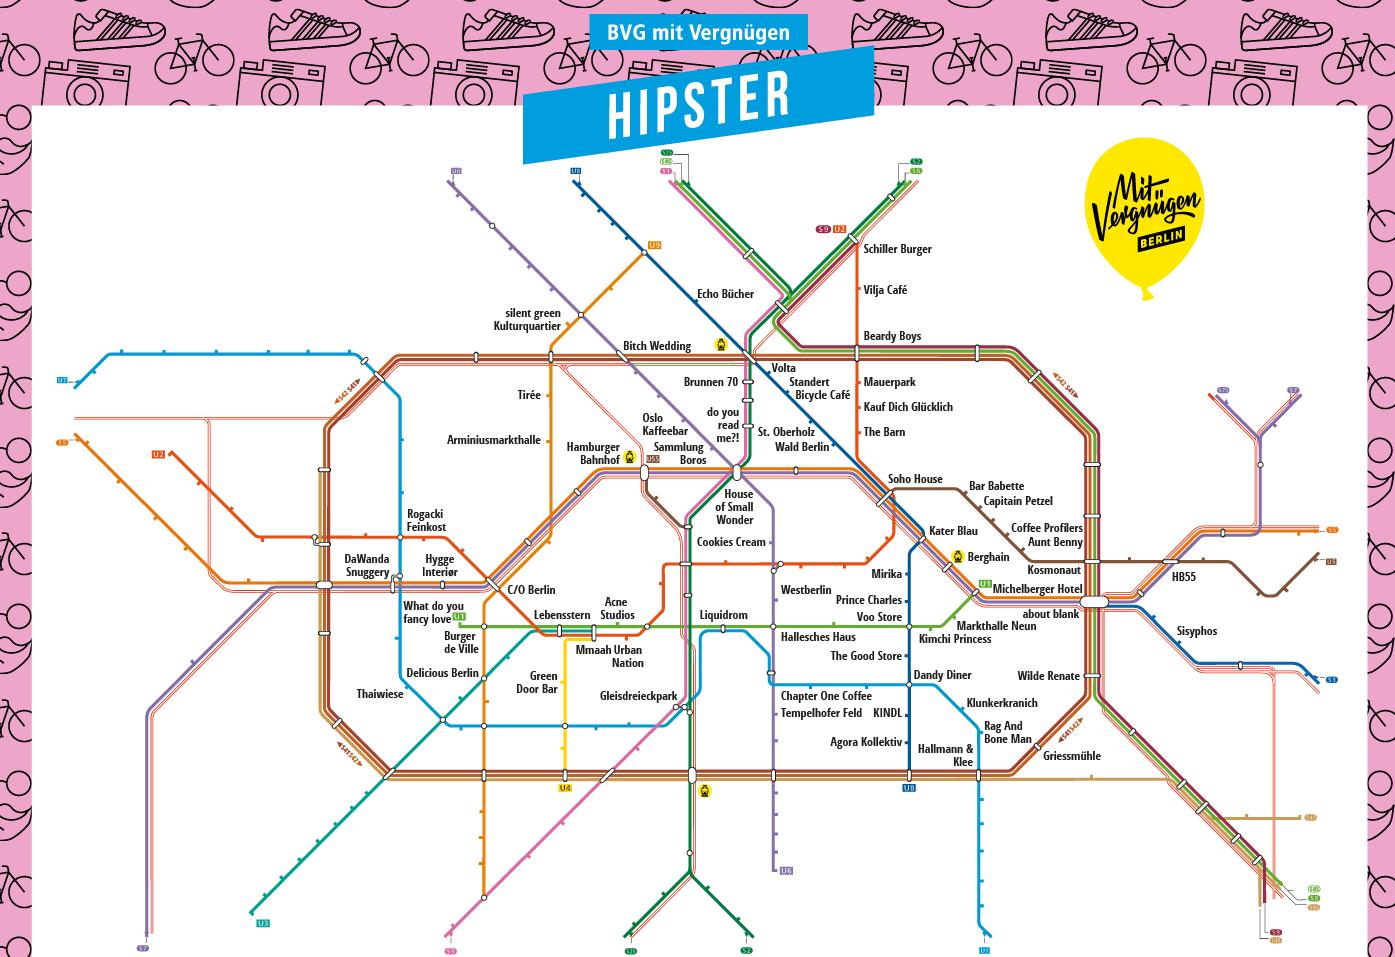 Mit Der Bahn Zu Den Hippsten Orten In Berlin Bus Und Bahn Berlin Tipps Feiern In Berlin